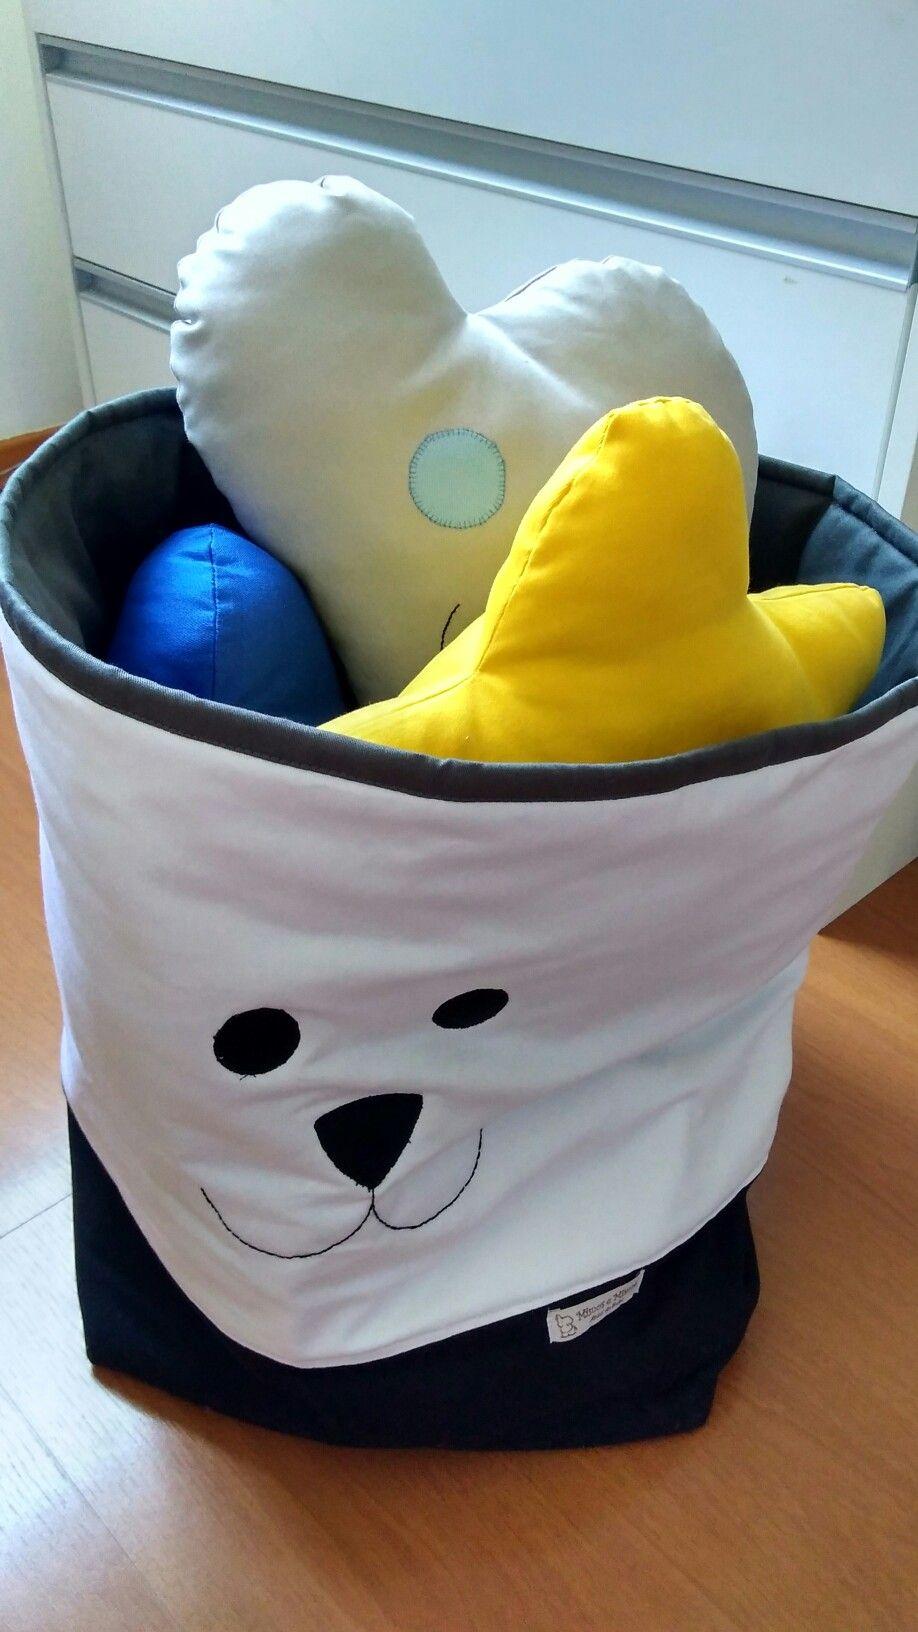 Cesto para brinquedos feito todo no tecido, e pode ser lavado a máquina.